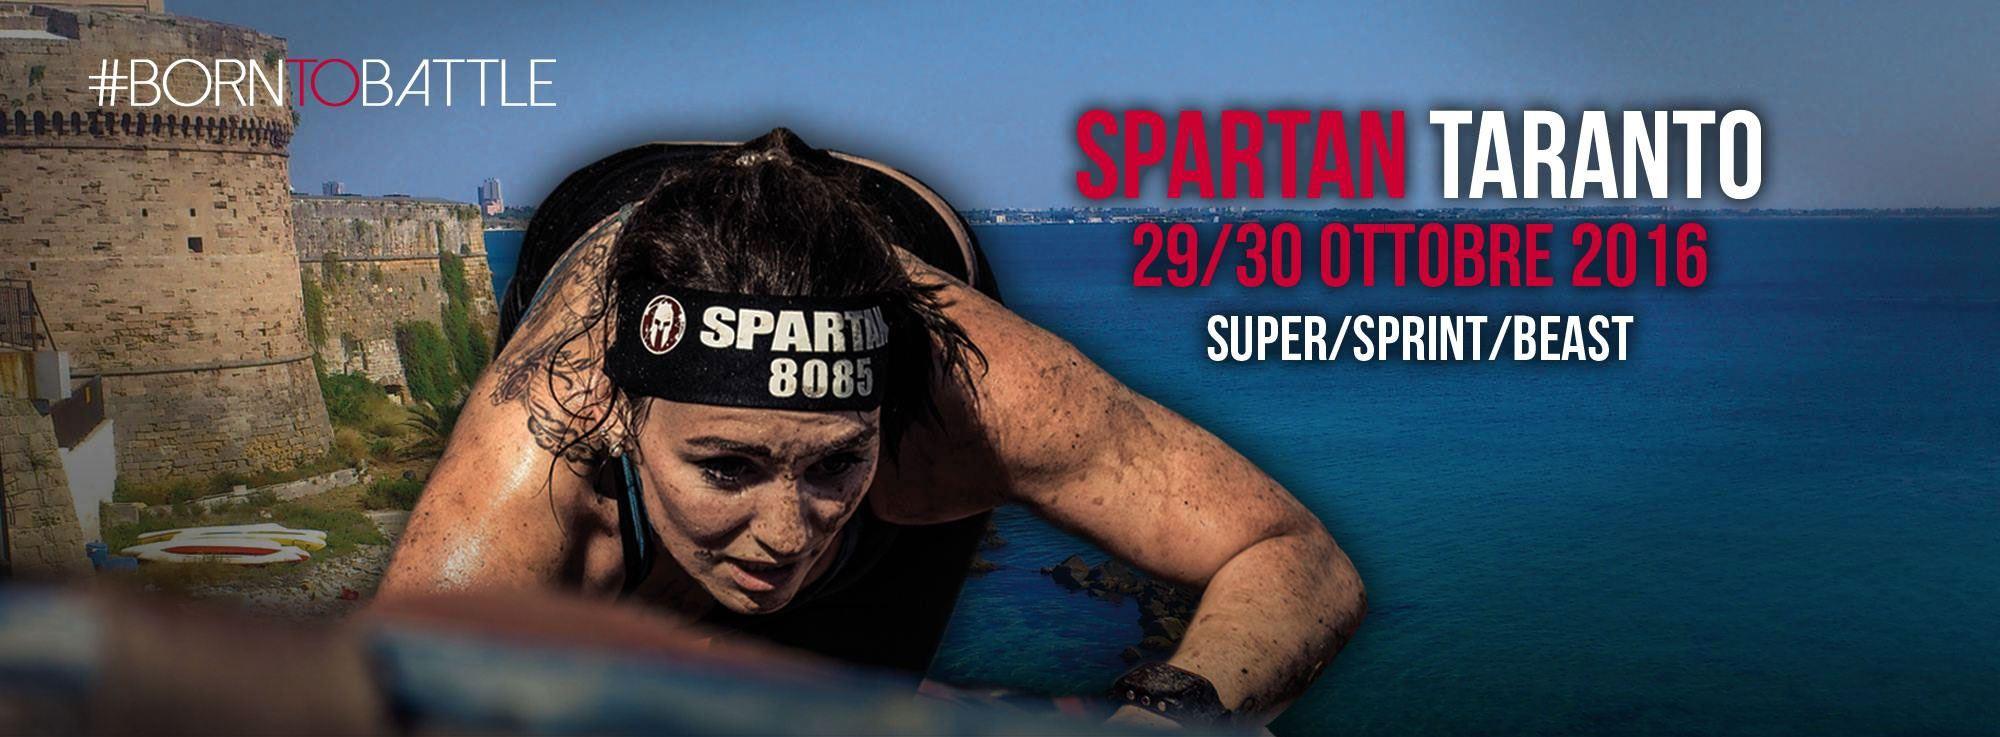 Taranto: Spartan Race, gare e atleti internazionali